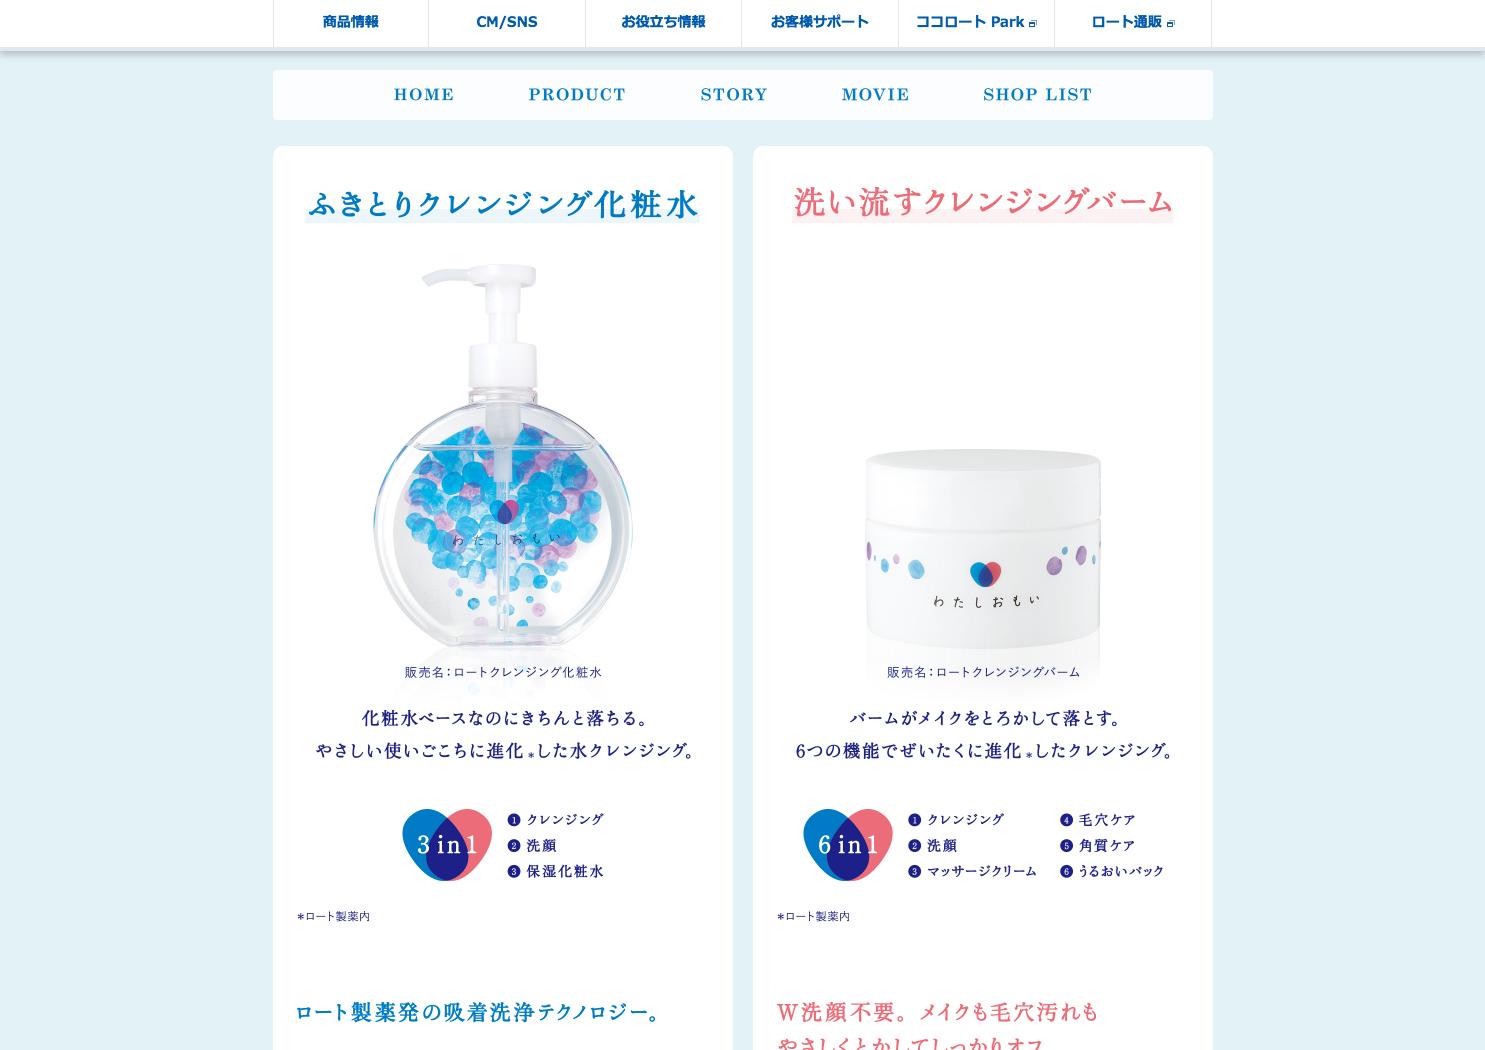 わたしおもい Official Website 2018